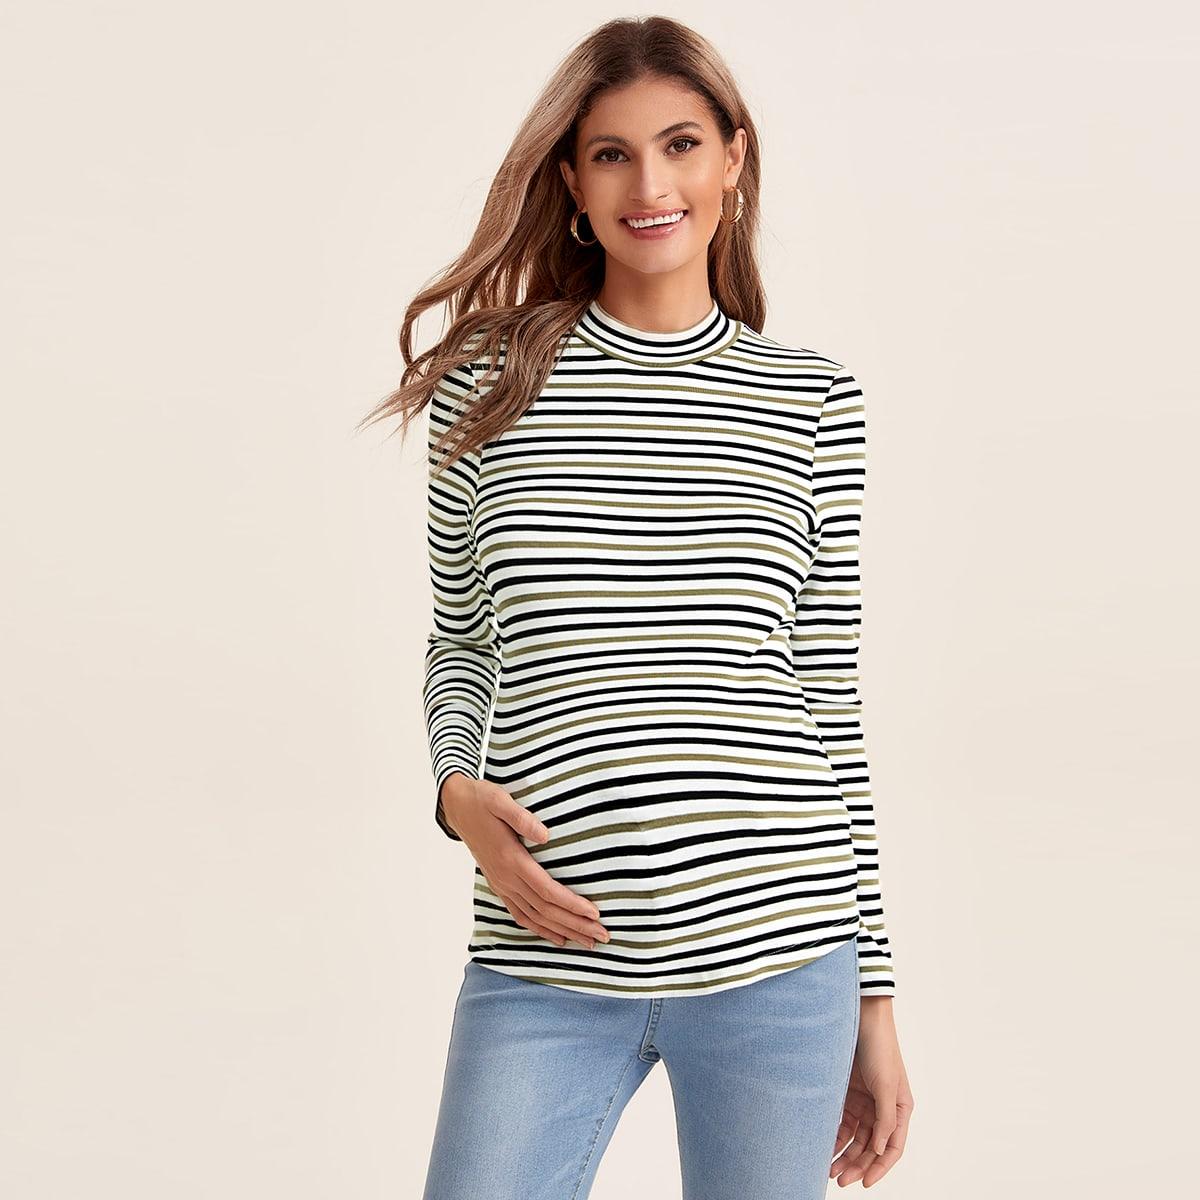 Полосатый повседневный футболки для беременных